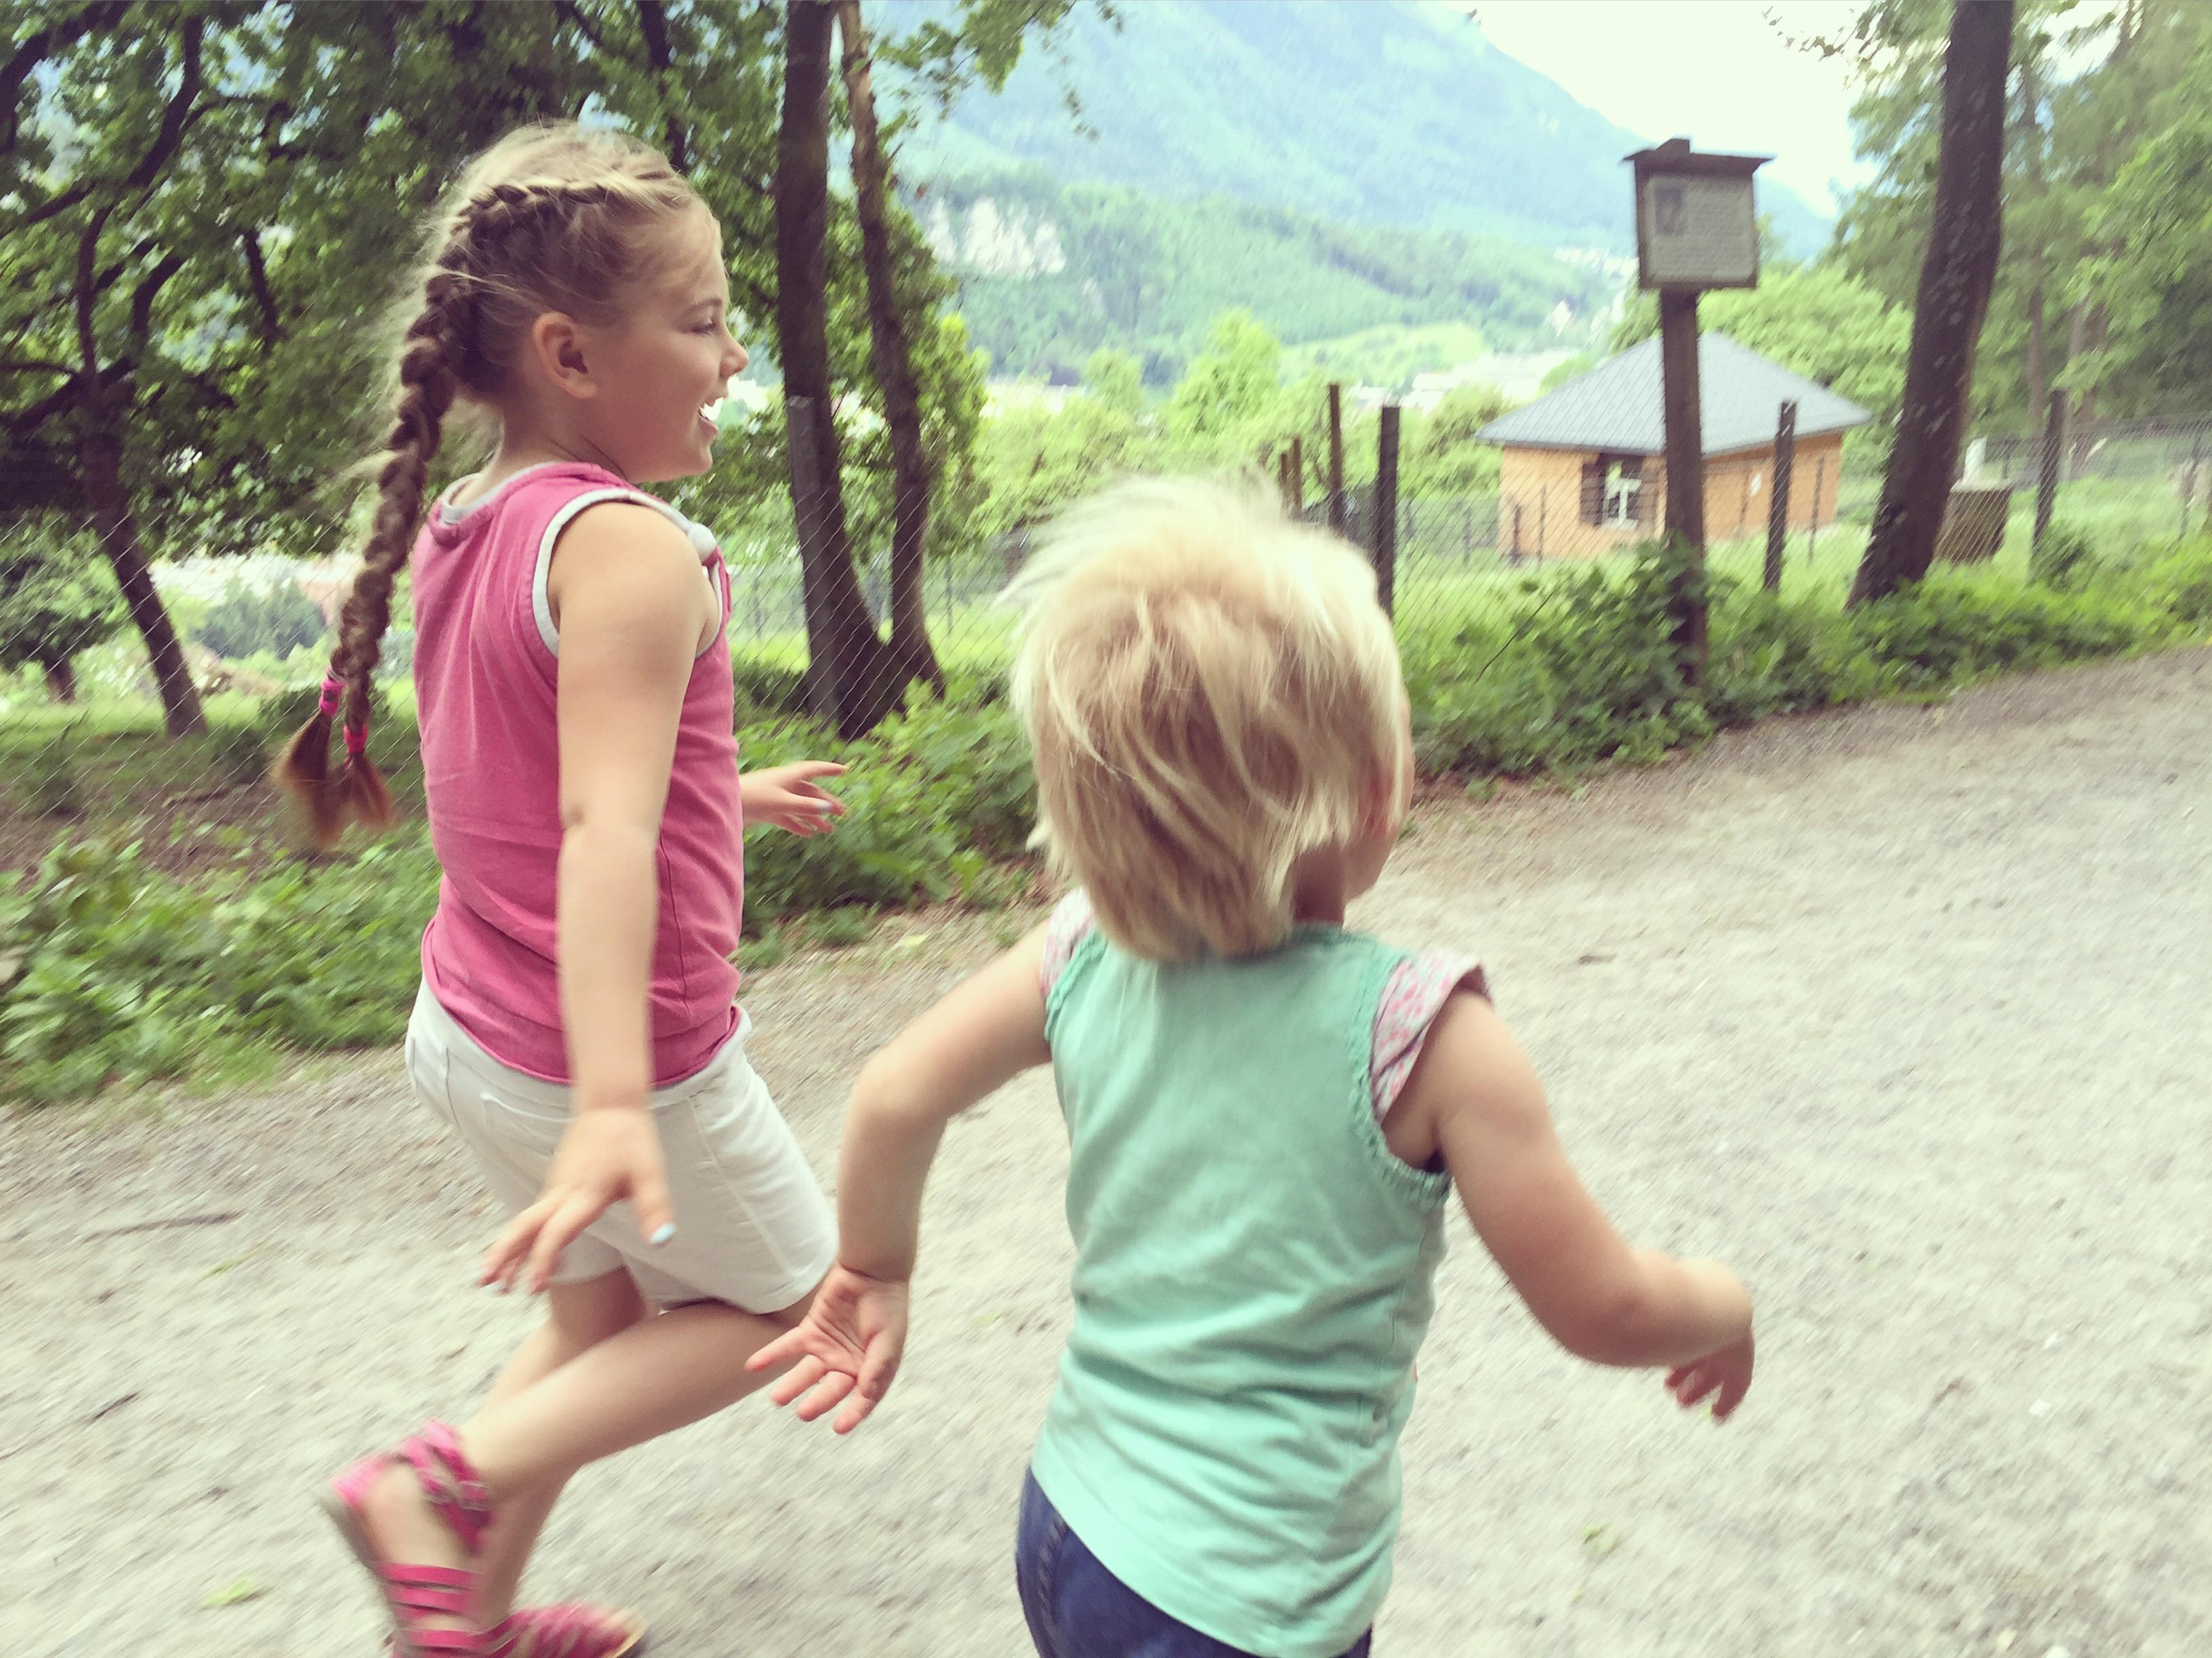 Zondag gaan we naar het wildpark in Feldkirch. Aan het eind van de dag kregen ze een ijsje, zie ze rennen!